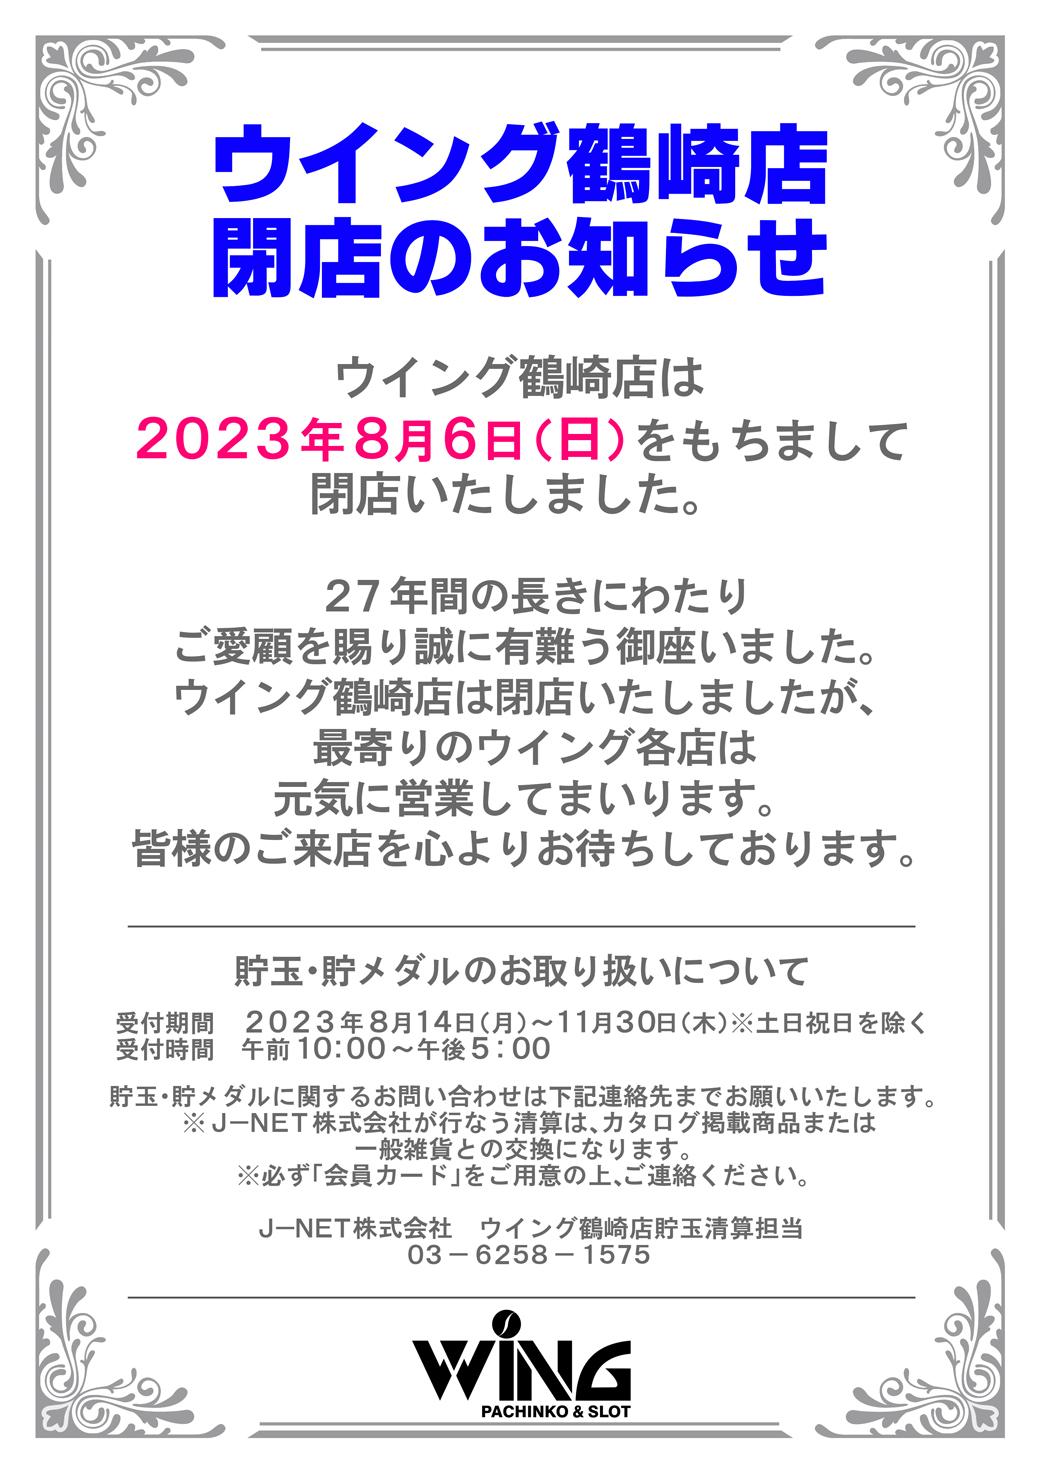 2/28(金)2月は連日屋台来店!!朝10時開店!!